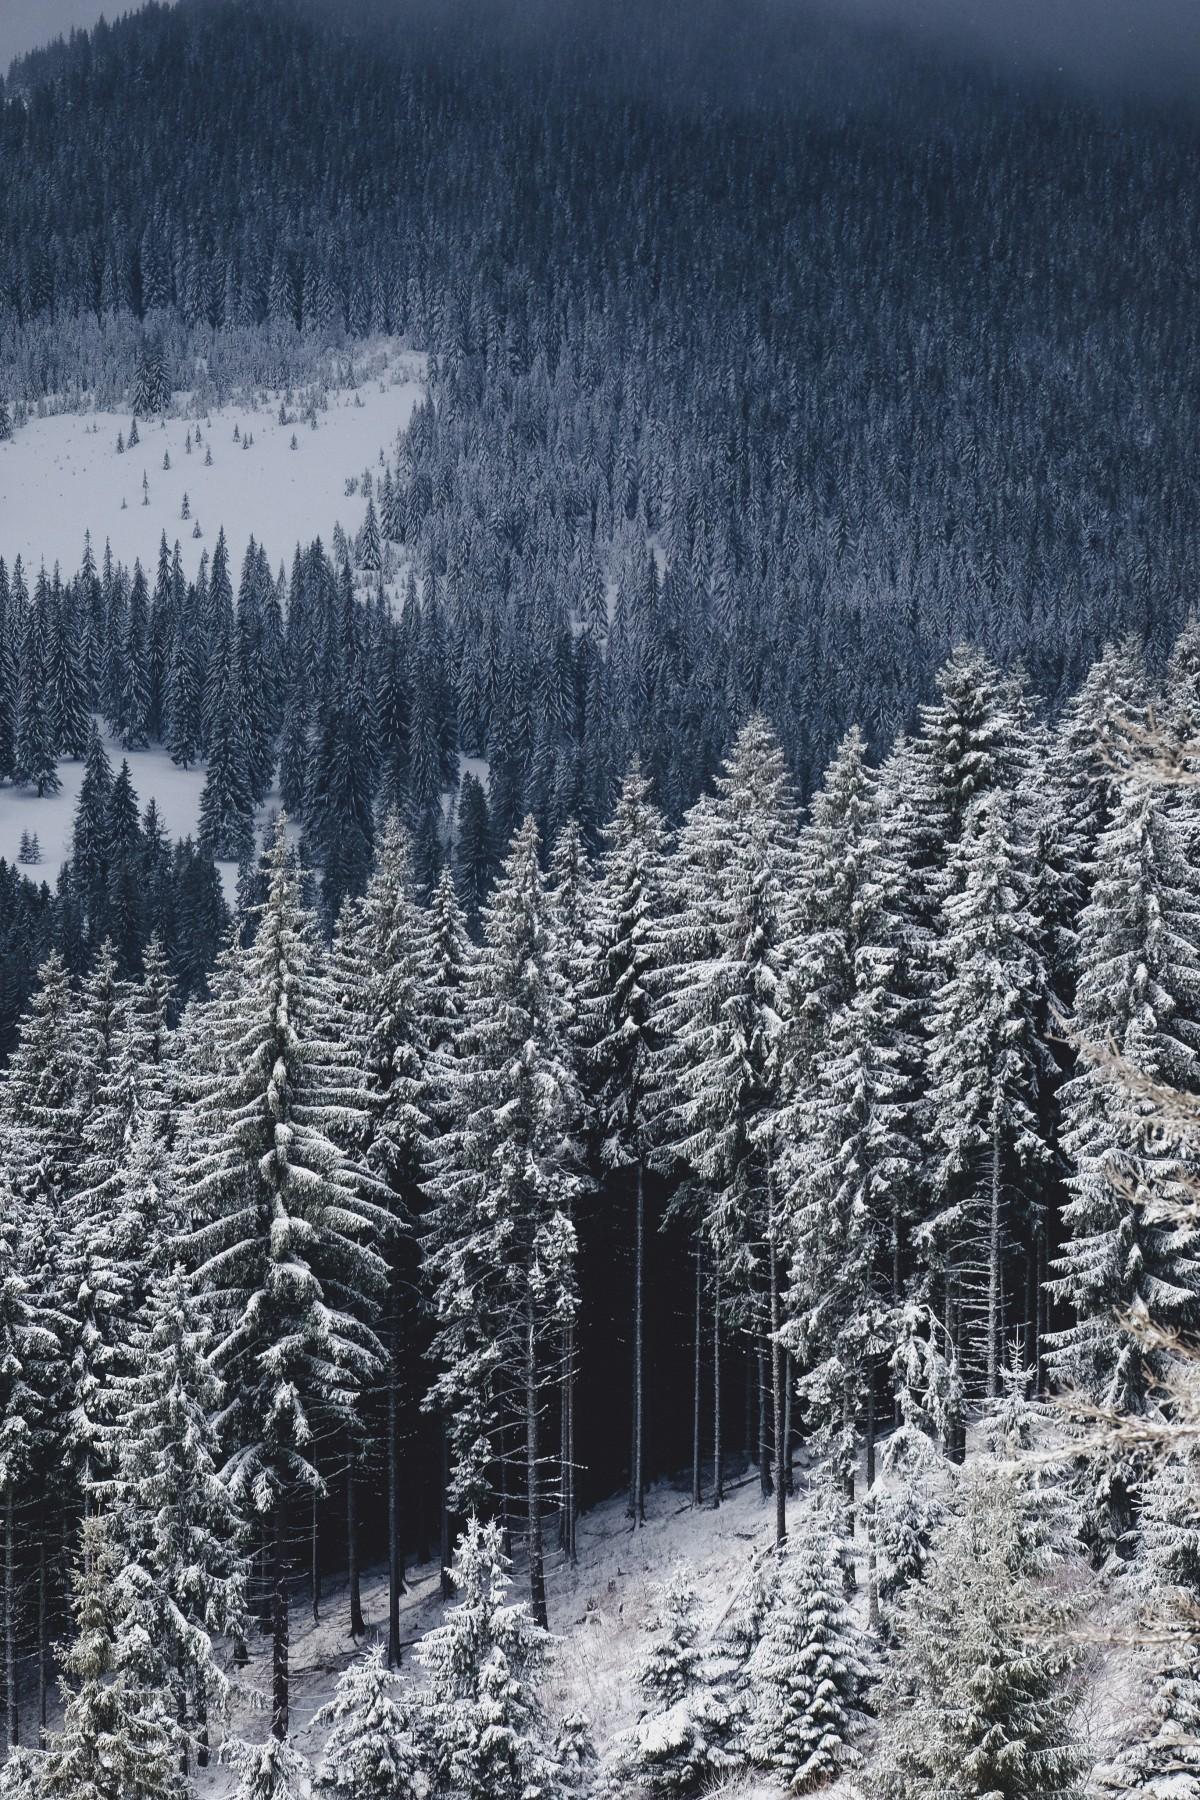 Imagini pentru imagini cu ninsoare în pădure